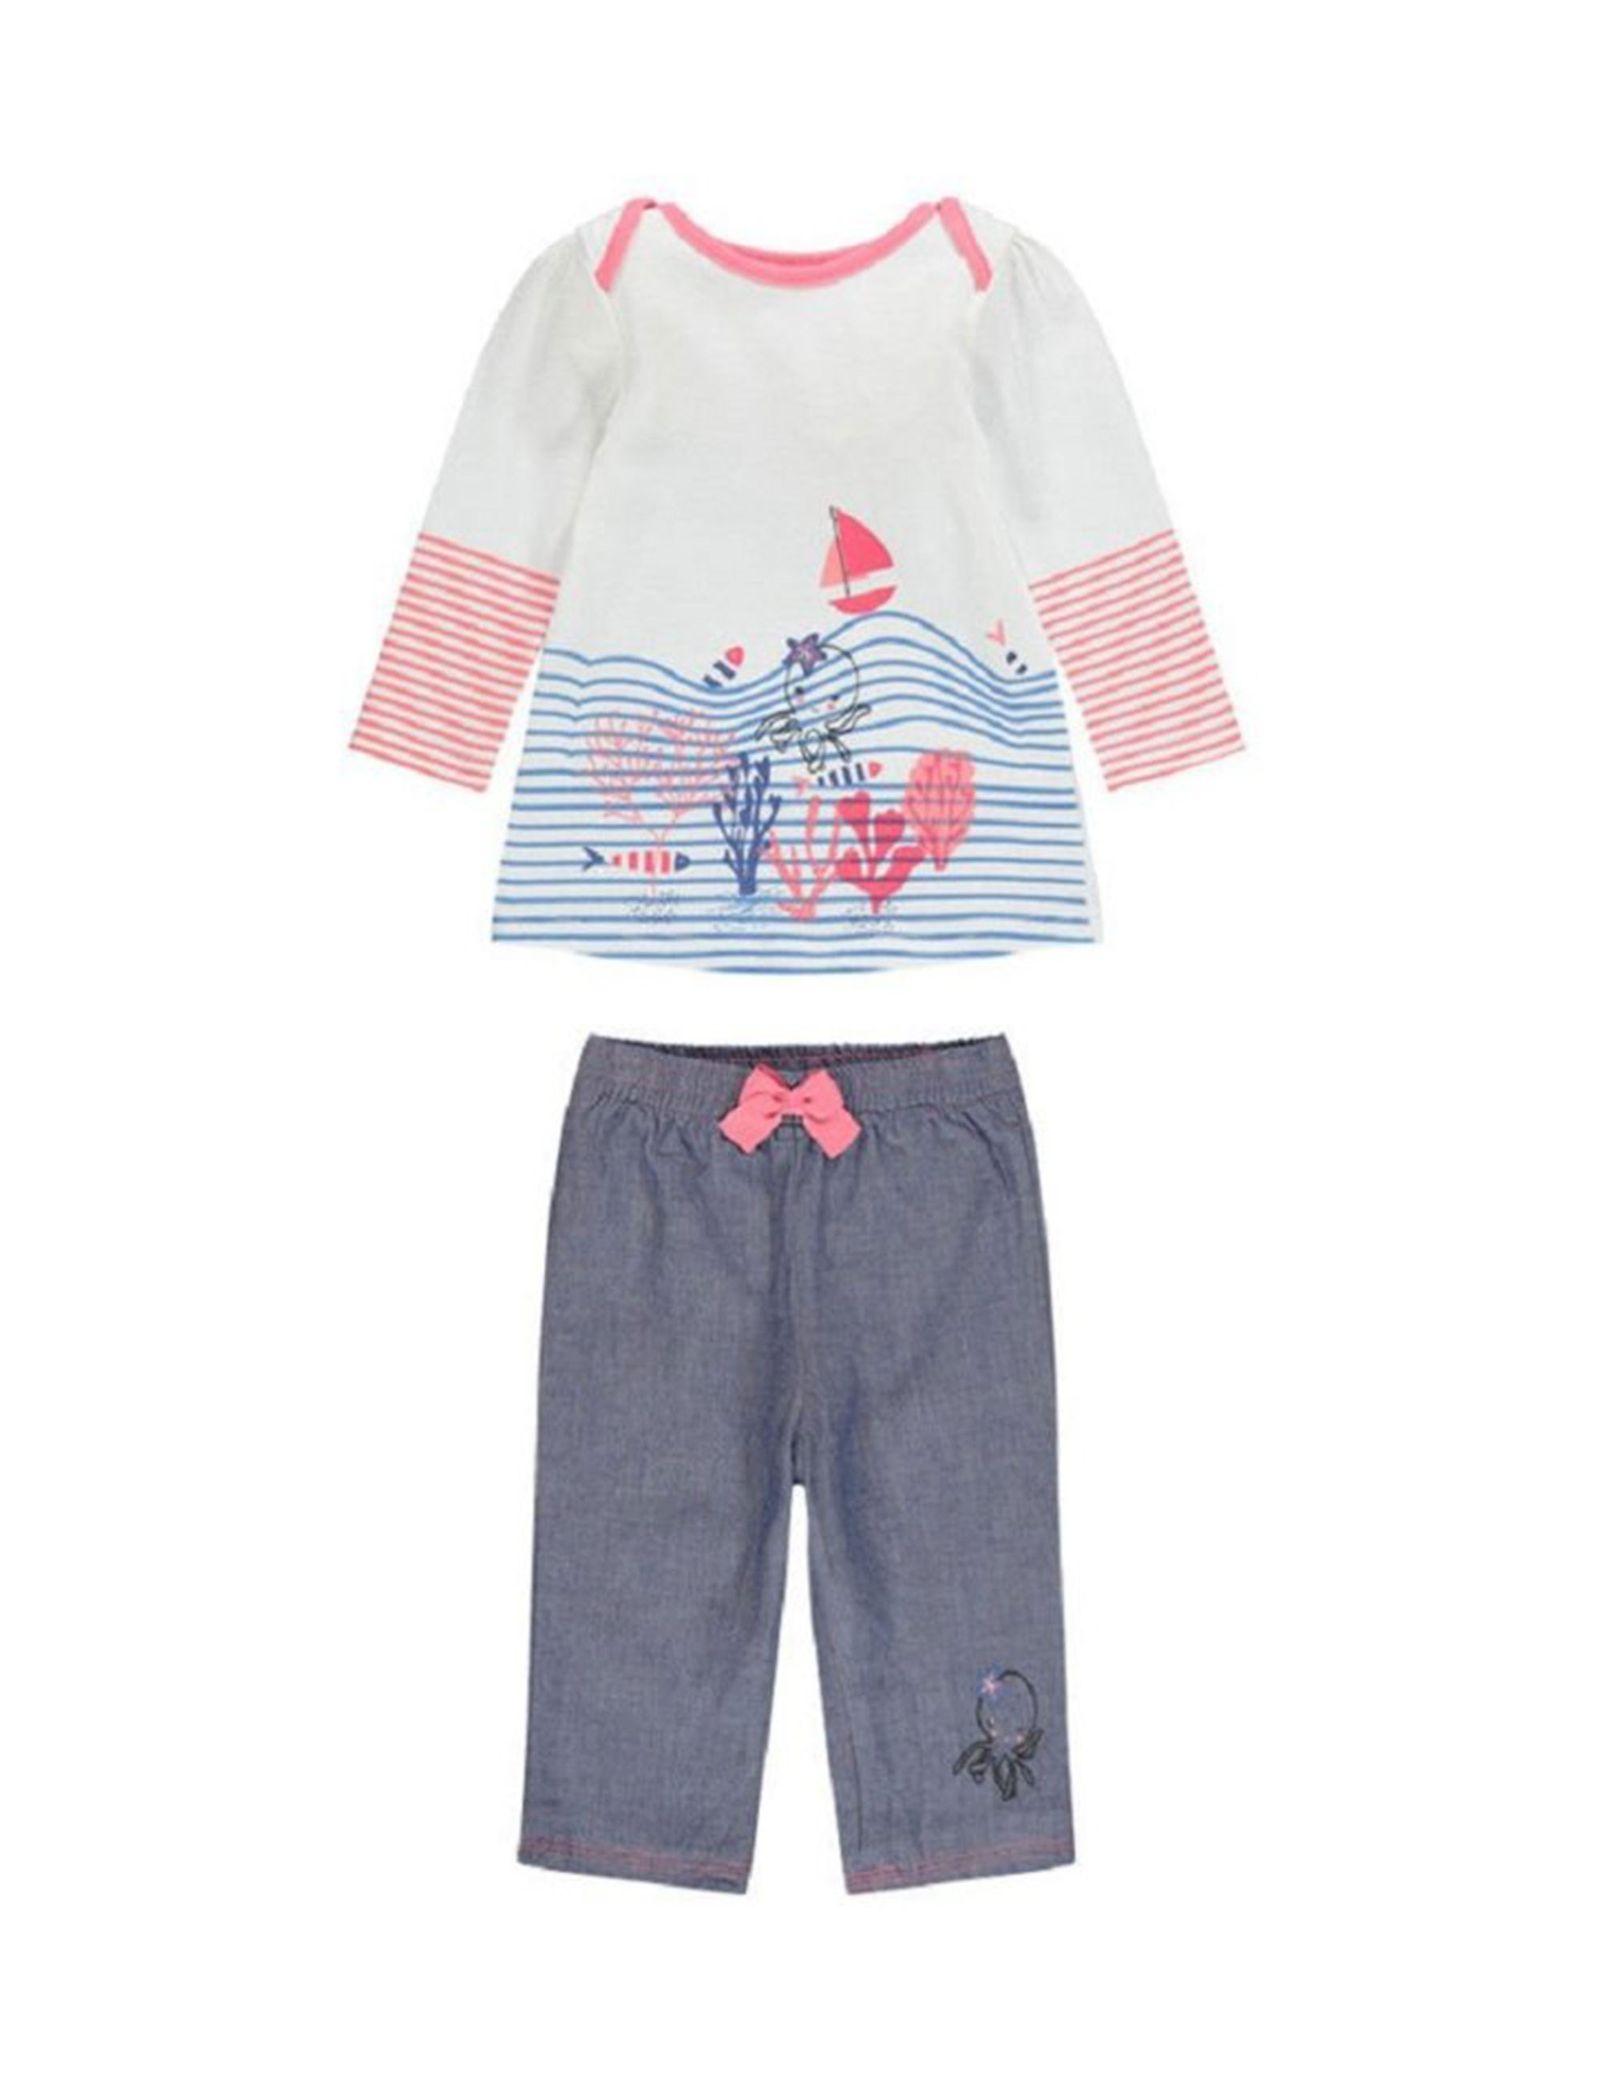 تی شرت و شلوار نخی نوزادی دخترانه - ارکسترا - سفيد/سرمه اي - 1